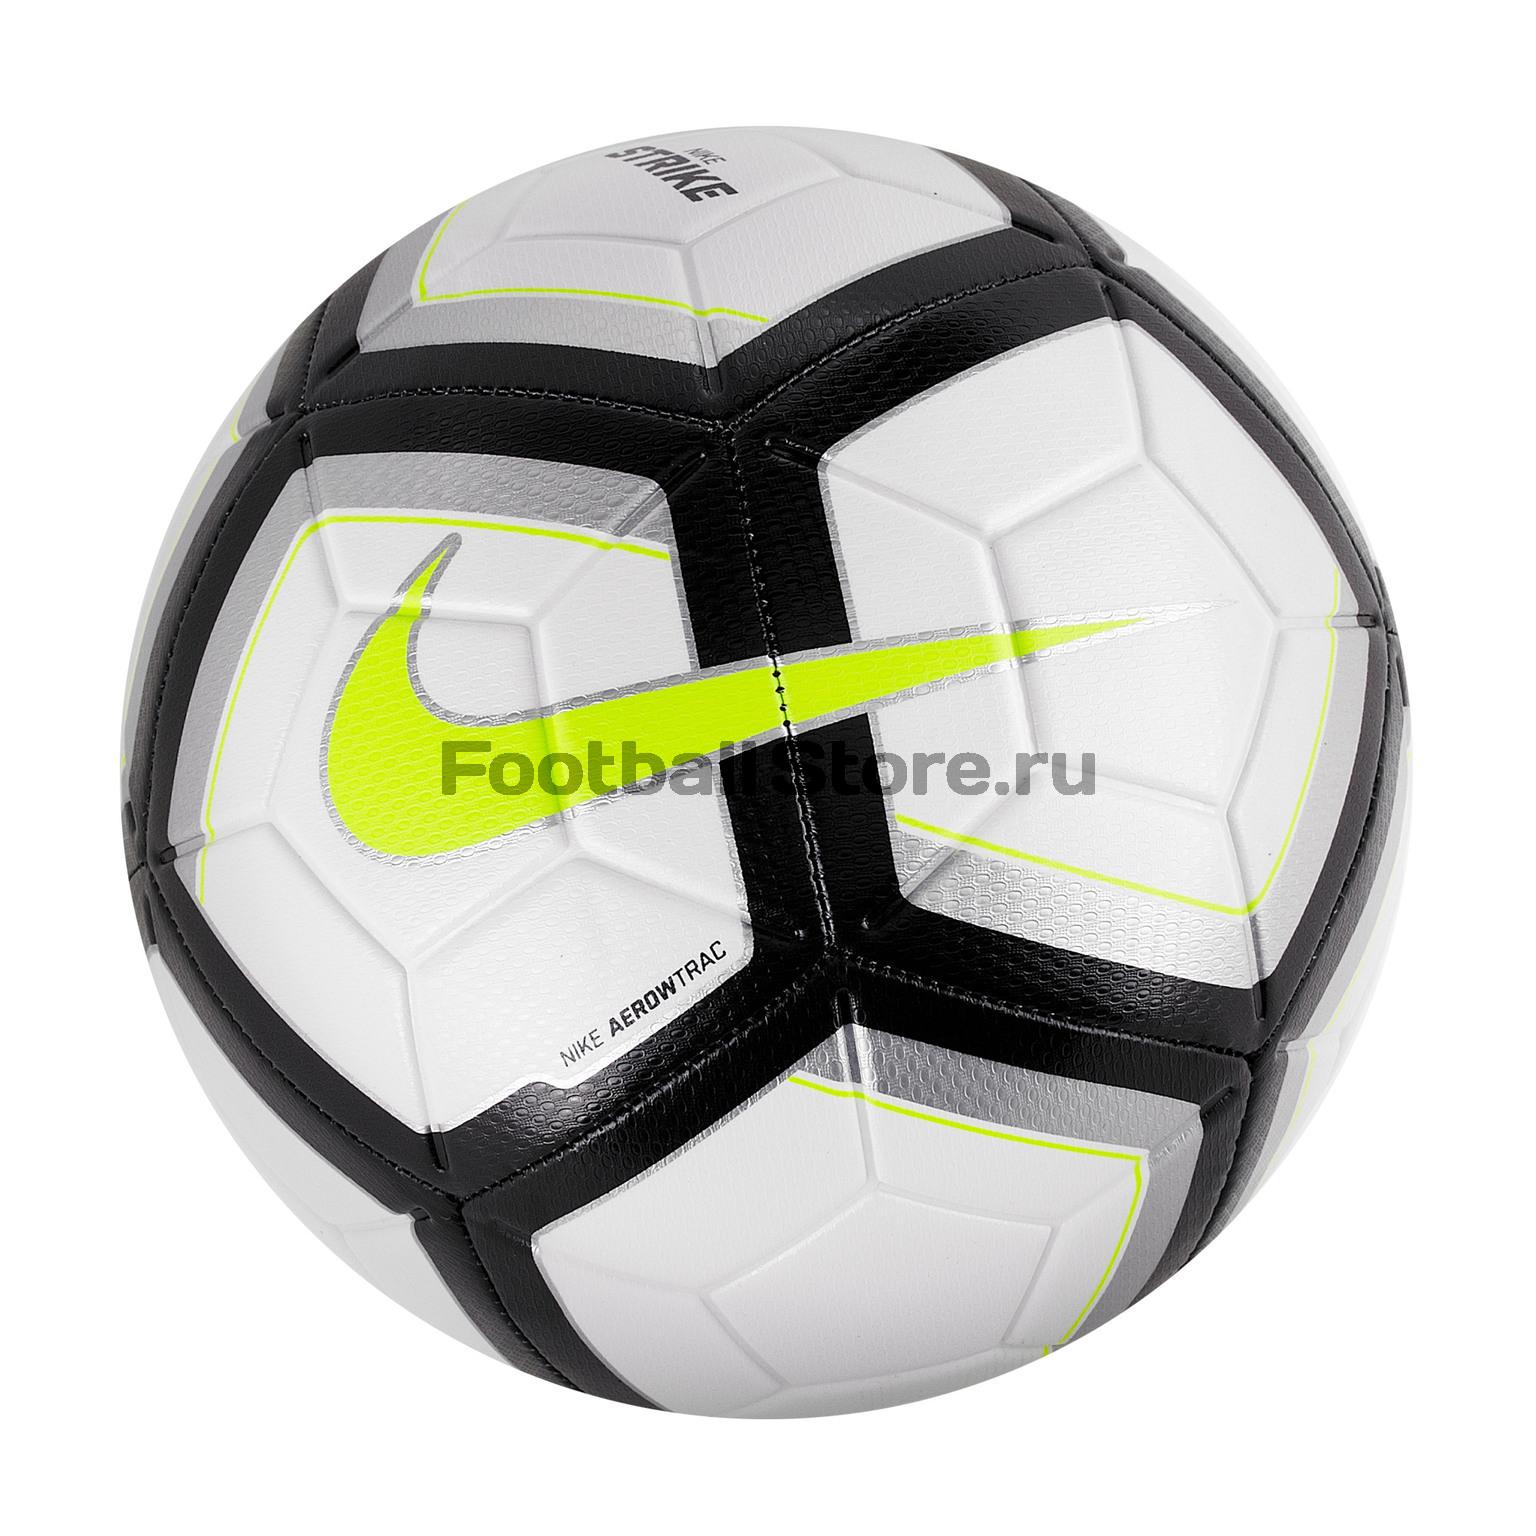 Футбольный мяч Nike Strike Team SC3176-102 nike мяч футбольный nike team training sc1911 117